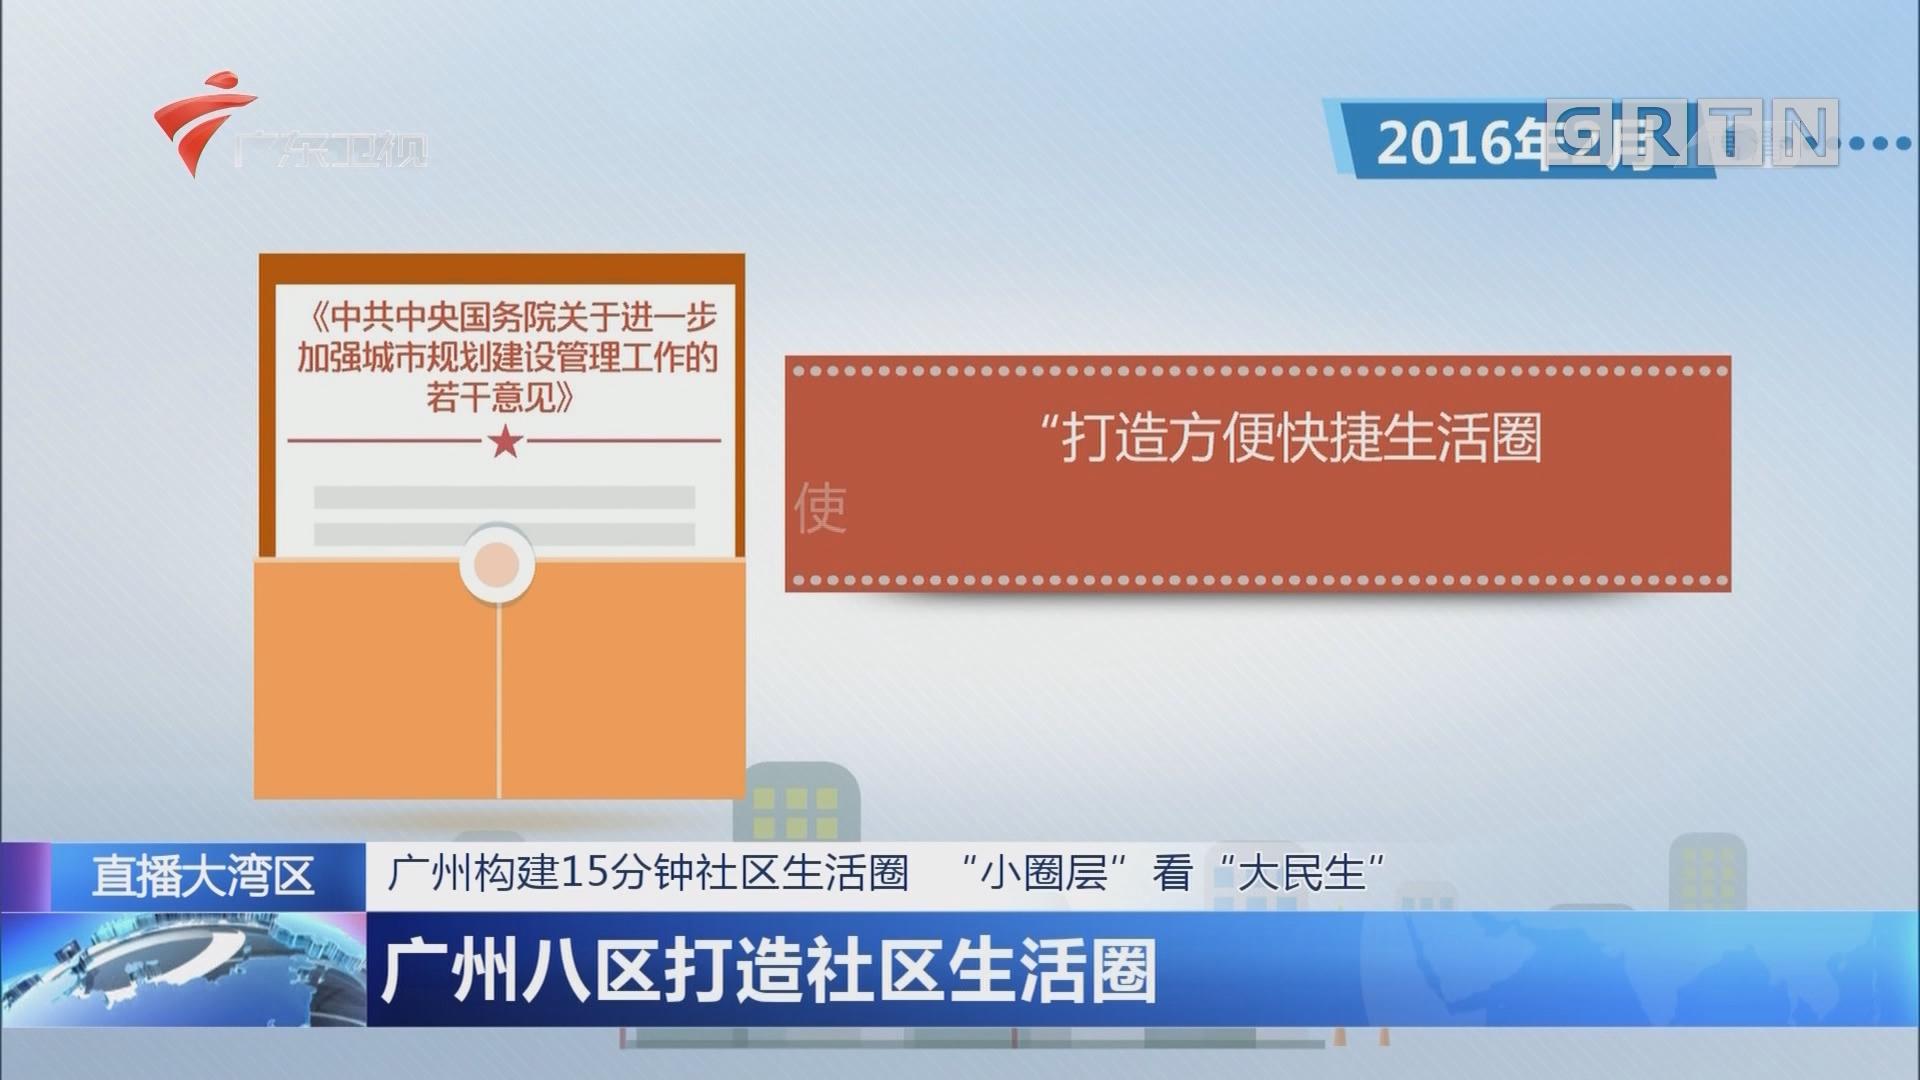 """广州构建15分钟社区生活圈 """"小圈层""""看""""大民生"""" 广州八区打造社区生活圈"""